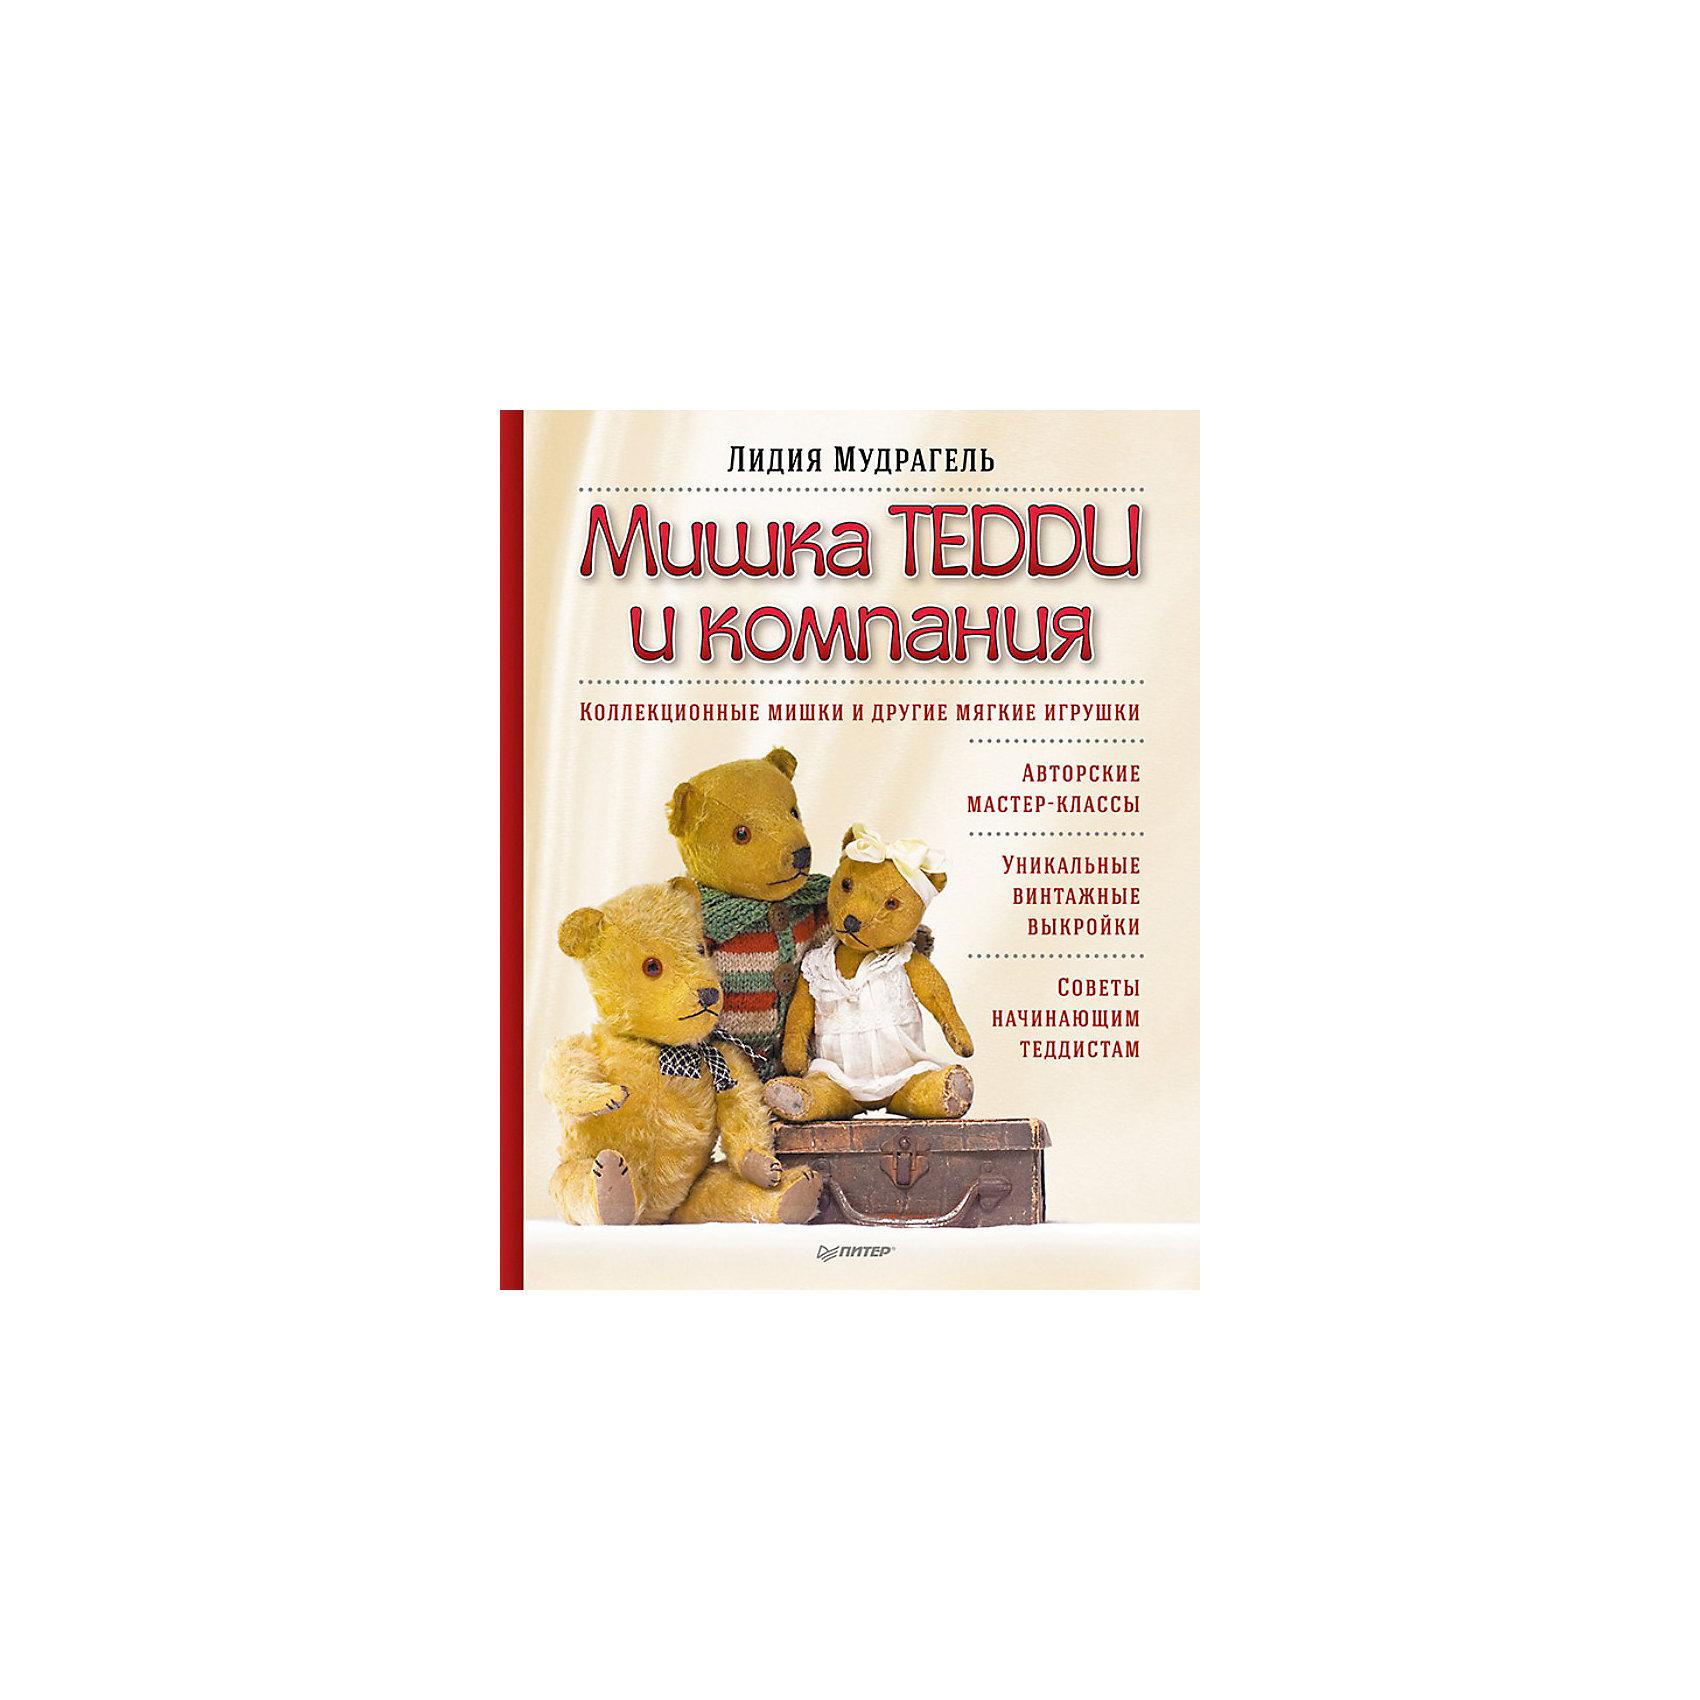 Мишка Тедди и компанияМишка Тедди – культовая детская игрушка из ткани. Изготовление кукол – настоящее искусство, которое появилось много лет назад и актуально до сих пор. Научиться делать шедевры поможет книга «Мишка Тедди и компания», которая расскажет весь процесс изготовления куклы от выбора ткани до создания готового медведя.  Под руководством опытного мастера - реставратора ребенок будет осваивать первые шаги в искусстве создания мишки Тедди и его друзей. Книга содержит не только техническое описание создания куклы, но и практичные советы и секреты. Творчество такого плана развивает мелкую моторику и фантазию ребенка.<br><br>Дополнительная информация:<br>страниц: 128;<br>формат:  205 х 260 мм.<br><br>Книгу «Мишка Тедди и компания» можно купить в нашем магазине.<br><br>Ширина мм: 260<br>Глубина мм: 201<br>Высота мм: 11<br>Вес г: 529<br>Возраст от месяцев: -2147483648<br>Возраст до месяцев: 2147483647<br>Пол: Женский<br>Возраст: Детский<br>SKU: 4966249